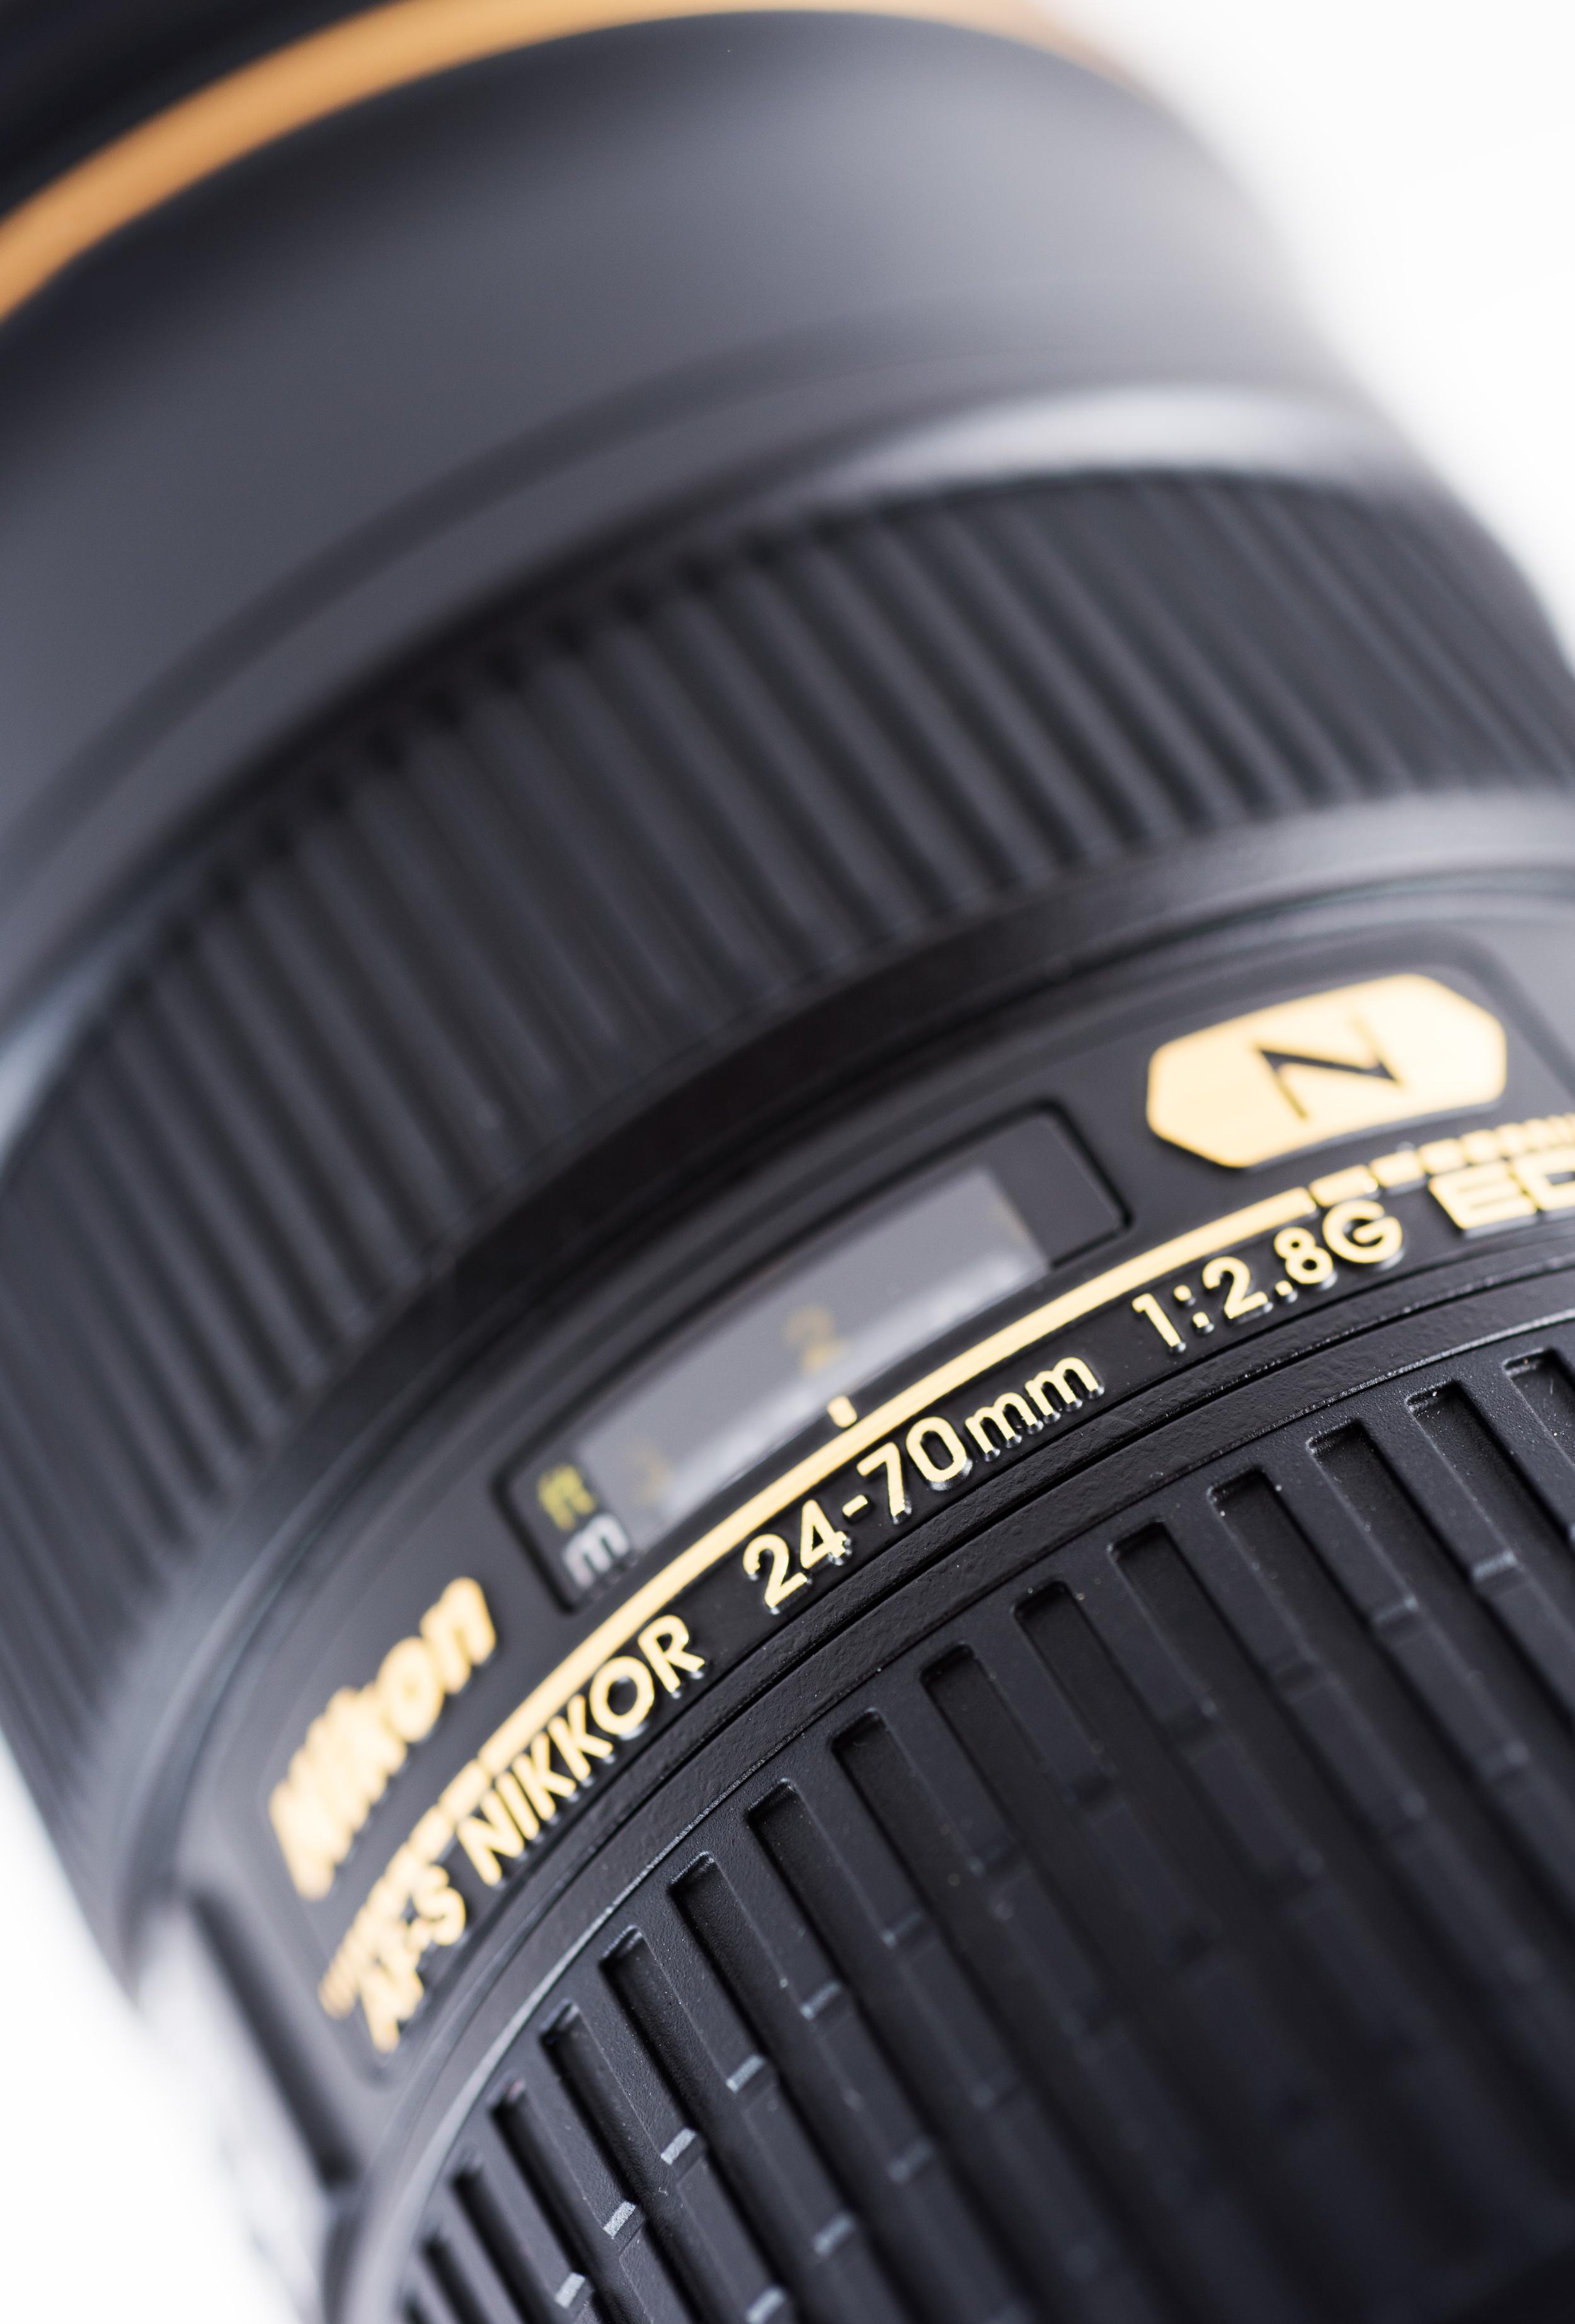 Shot with:  AF Micro-Nikkor 60mm f/2.8D